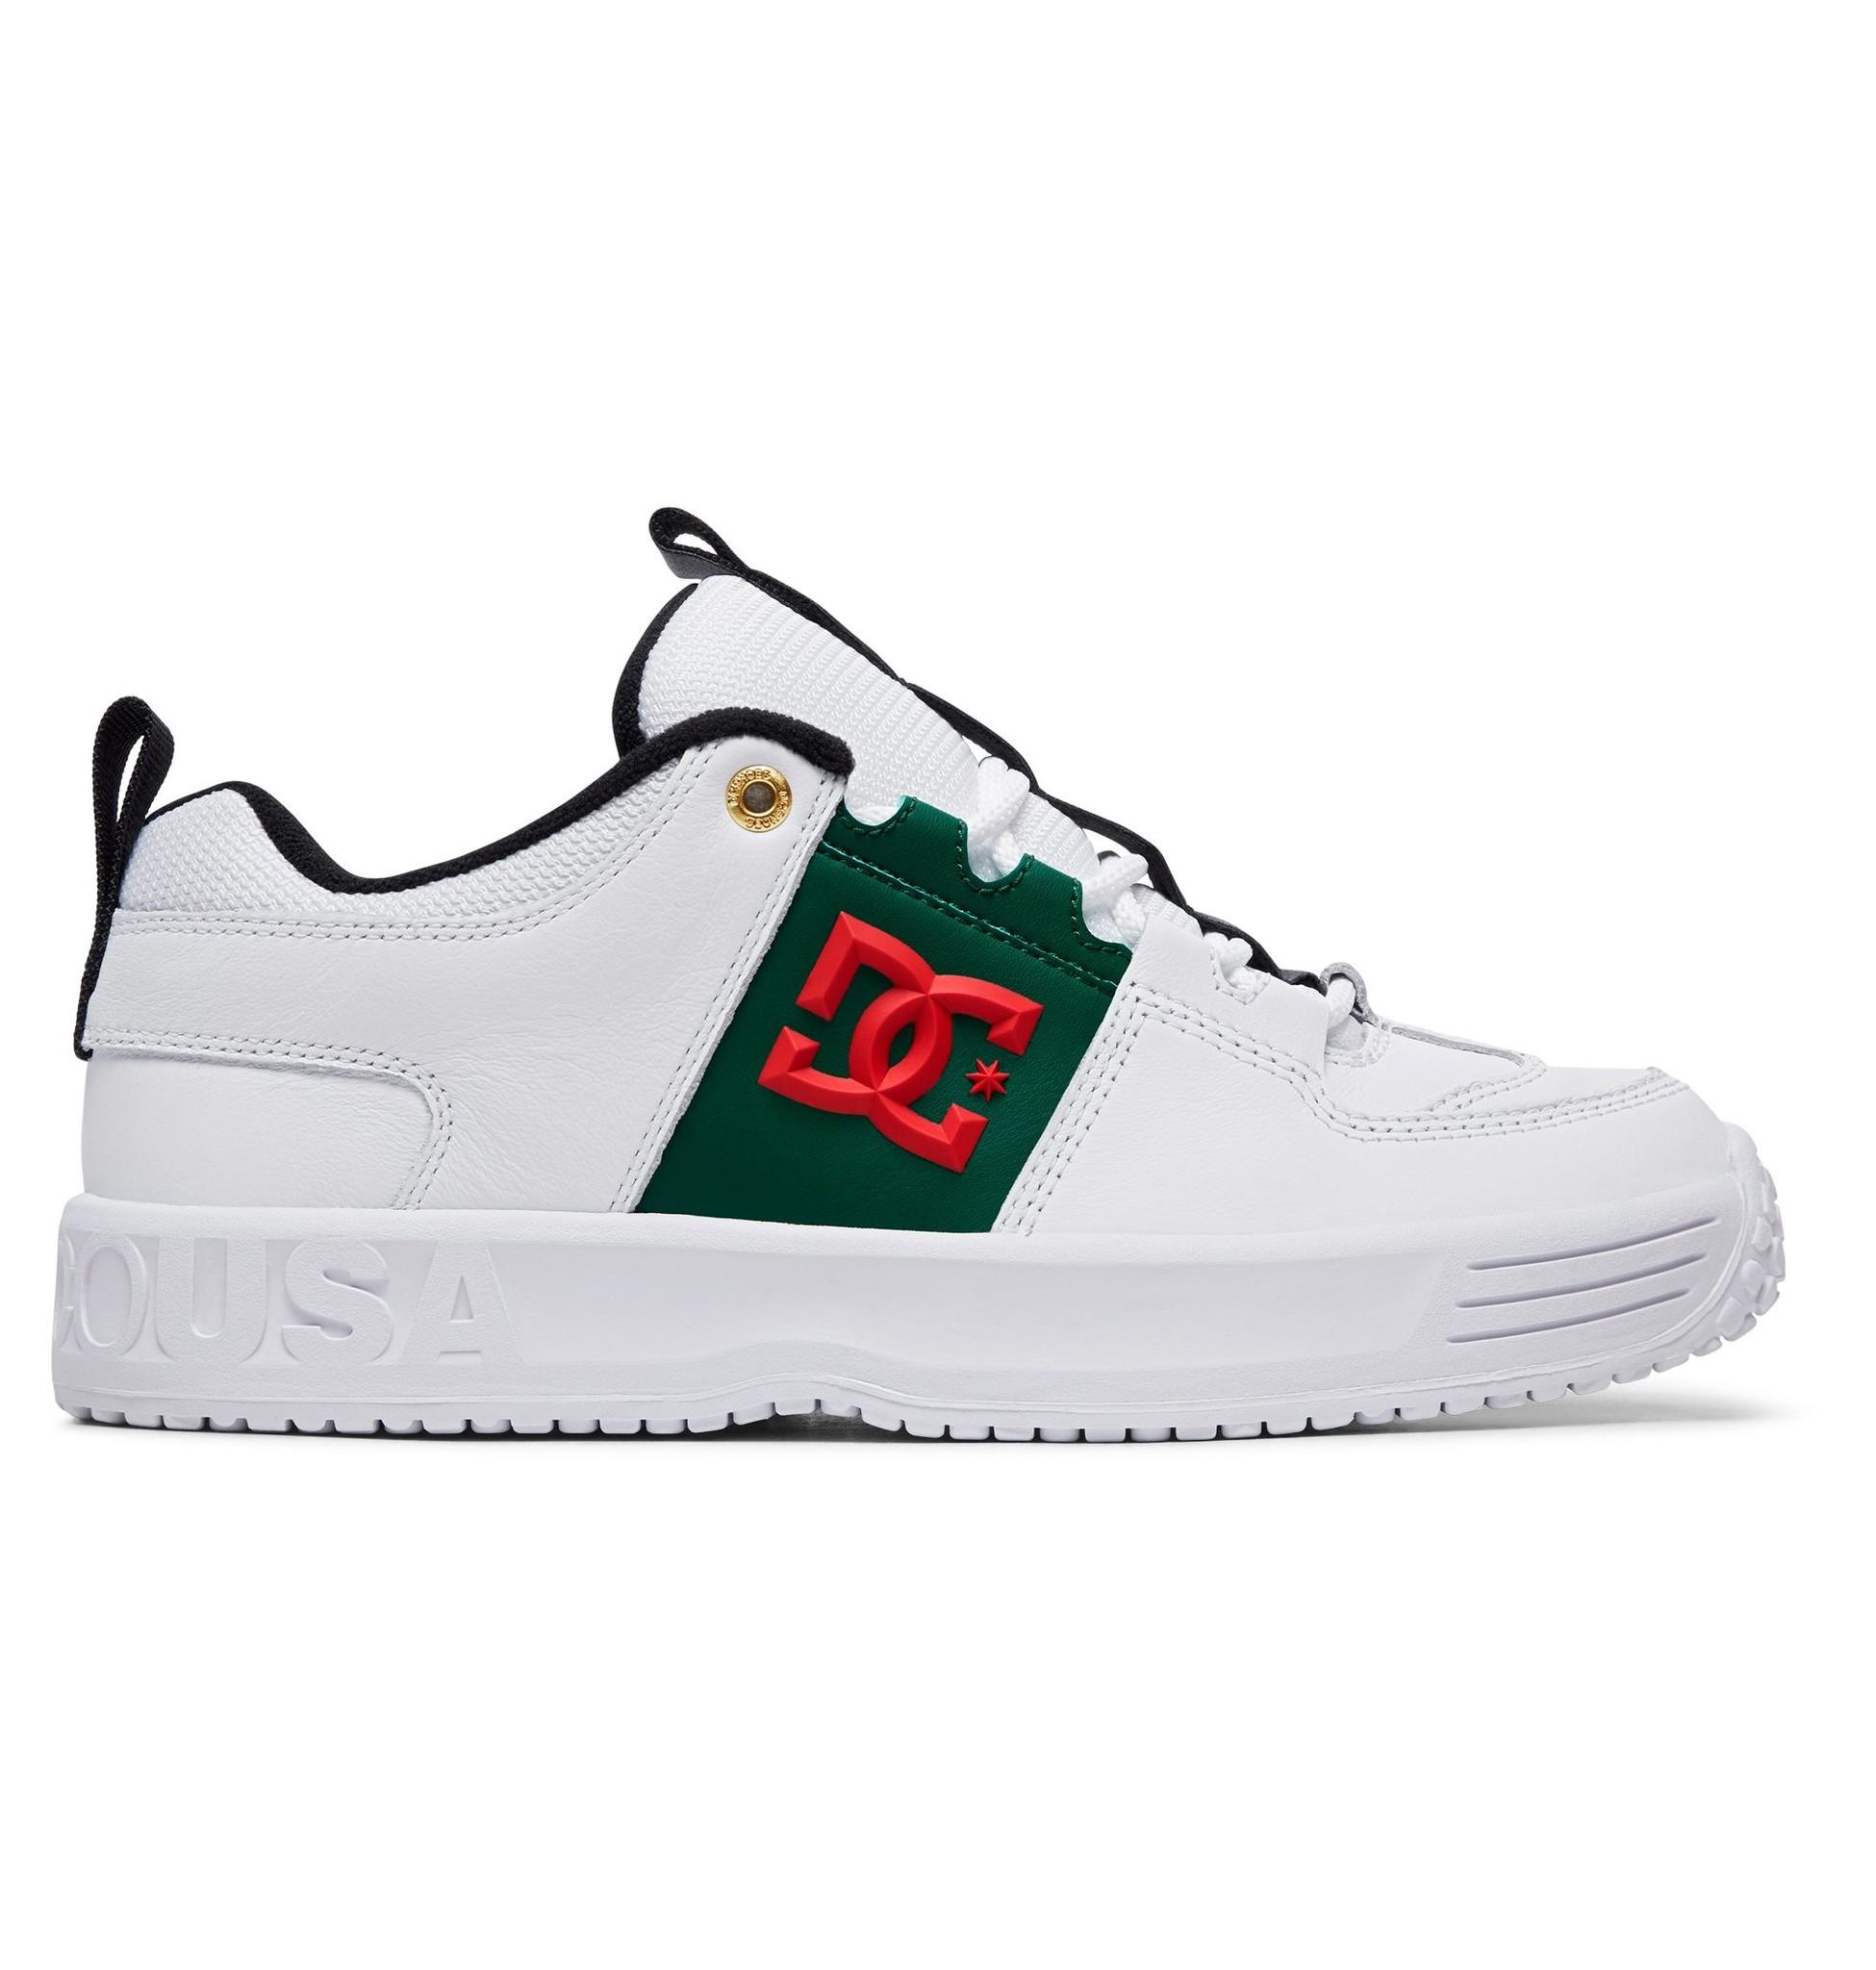 DC DC LYNX OG LUXE PACK WHITE/GREEN